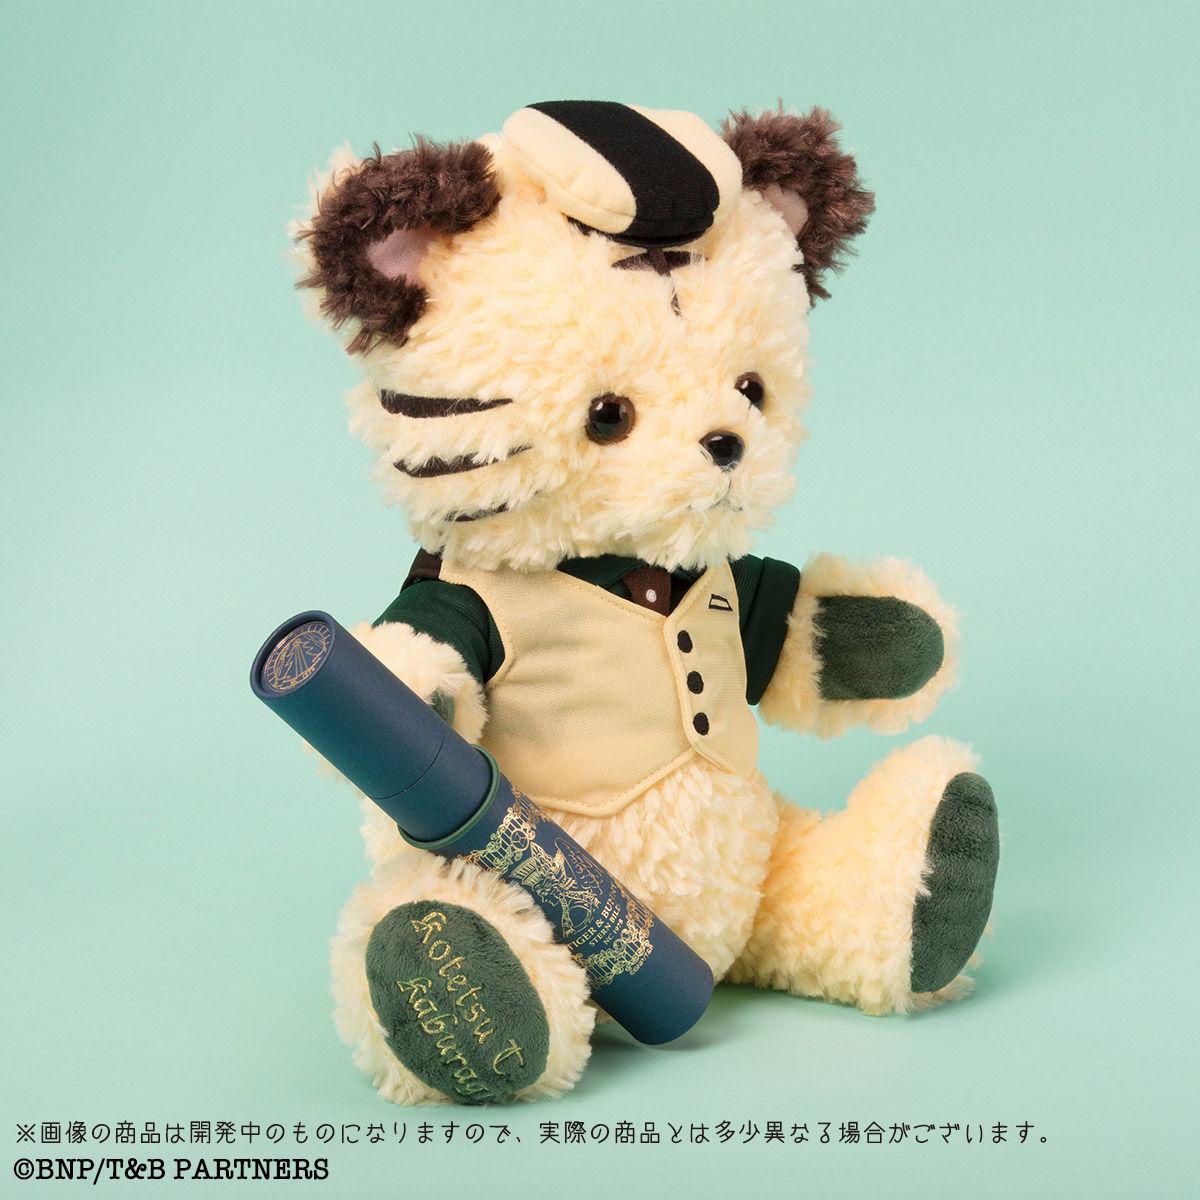 【限定販売】タイバニ『グリーティングレター with TIGER & BUNNY』TIGER & BUNNY ぬいぐるみ-003